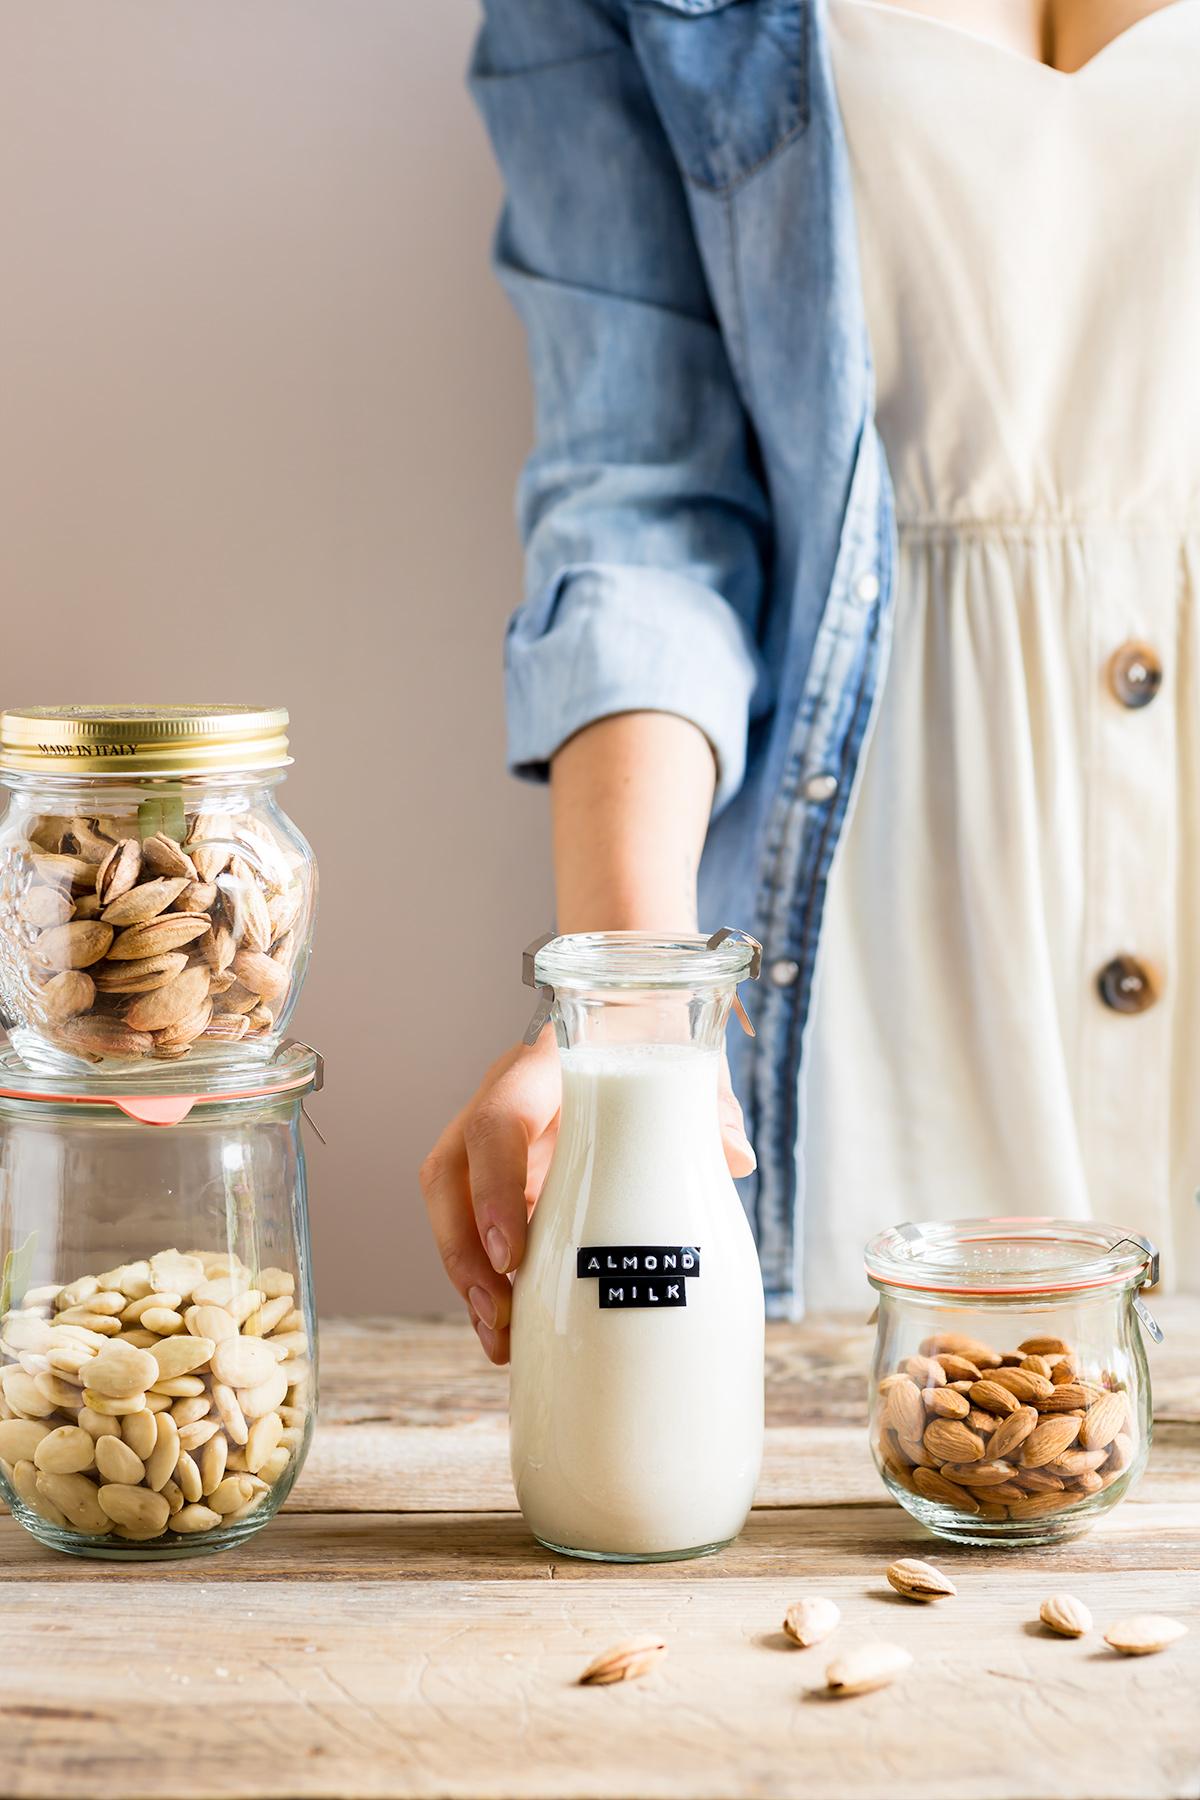 How to make vegan homemade ALMOND MILK dairyfree milk recipe come preparare il LATTE di MANDORLE fatto in casa ricetta lette vegetale vegan senza lattosio facile veloce